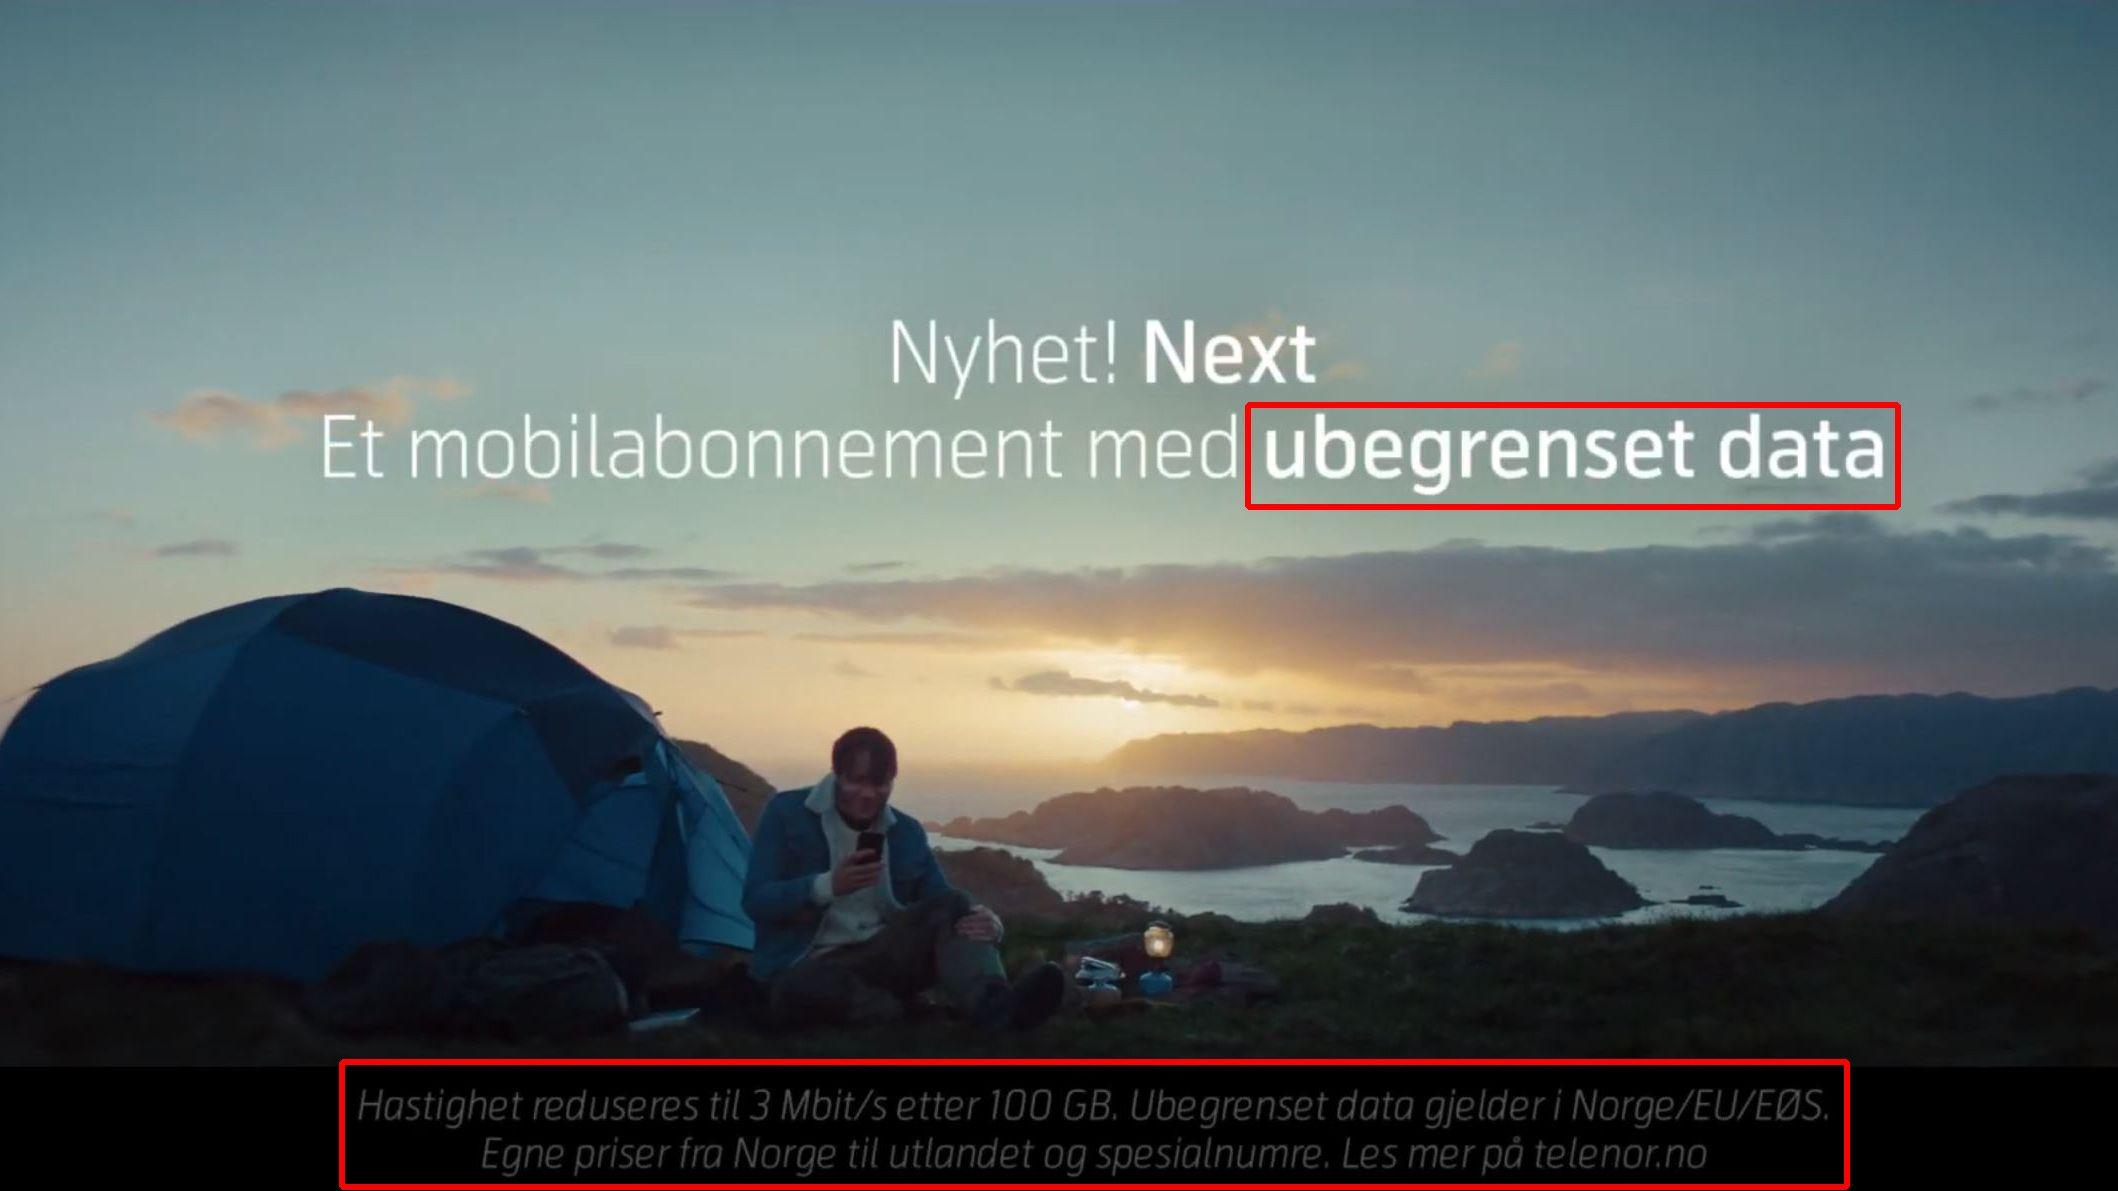 Måten Telenor synliggjør begrensningene i Next-abonnementet i reklamevideoer er for dårlig, mener Forbrukertilsynet.